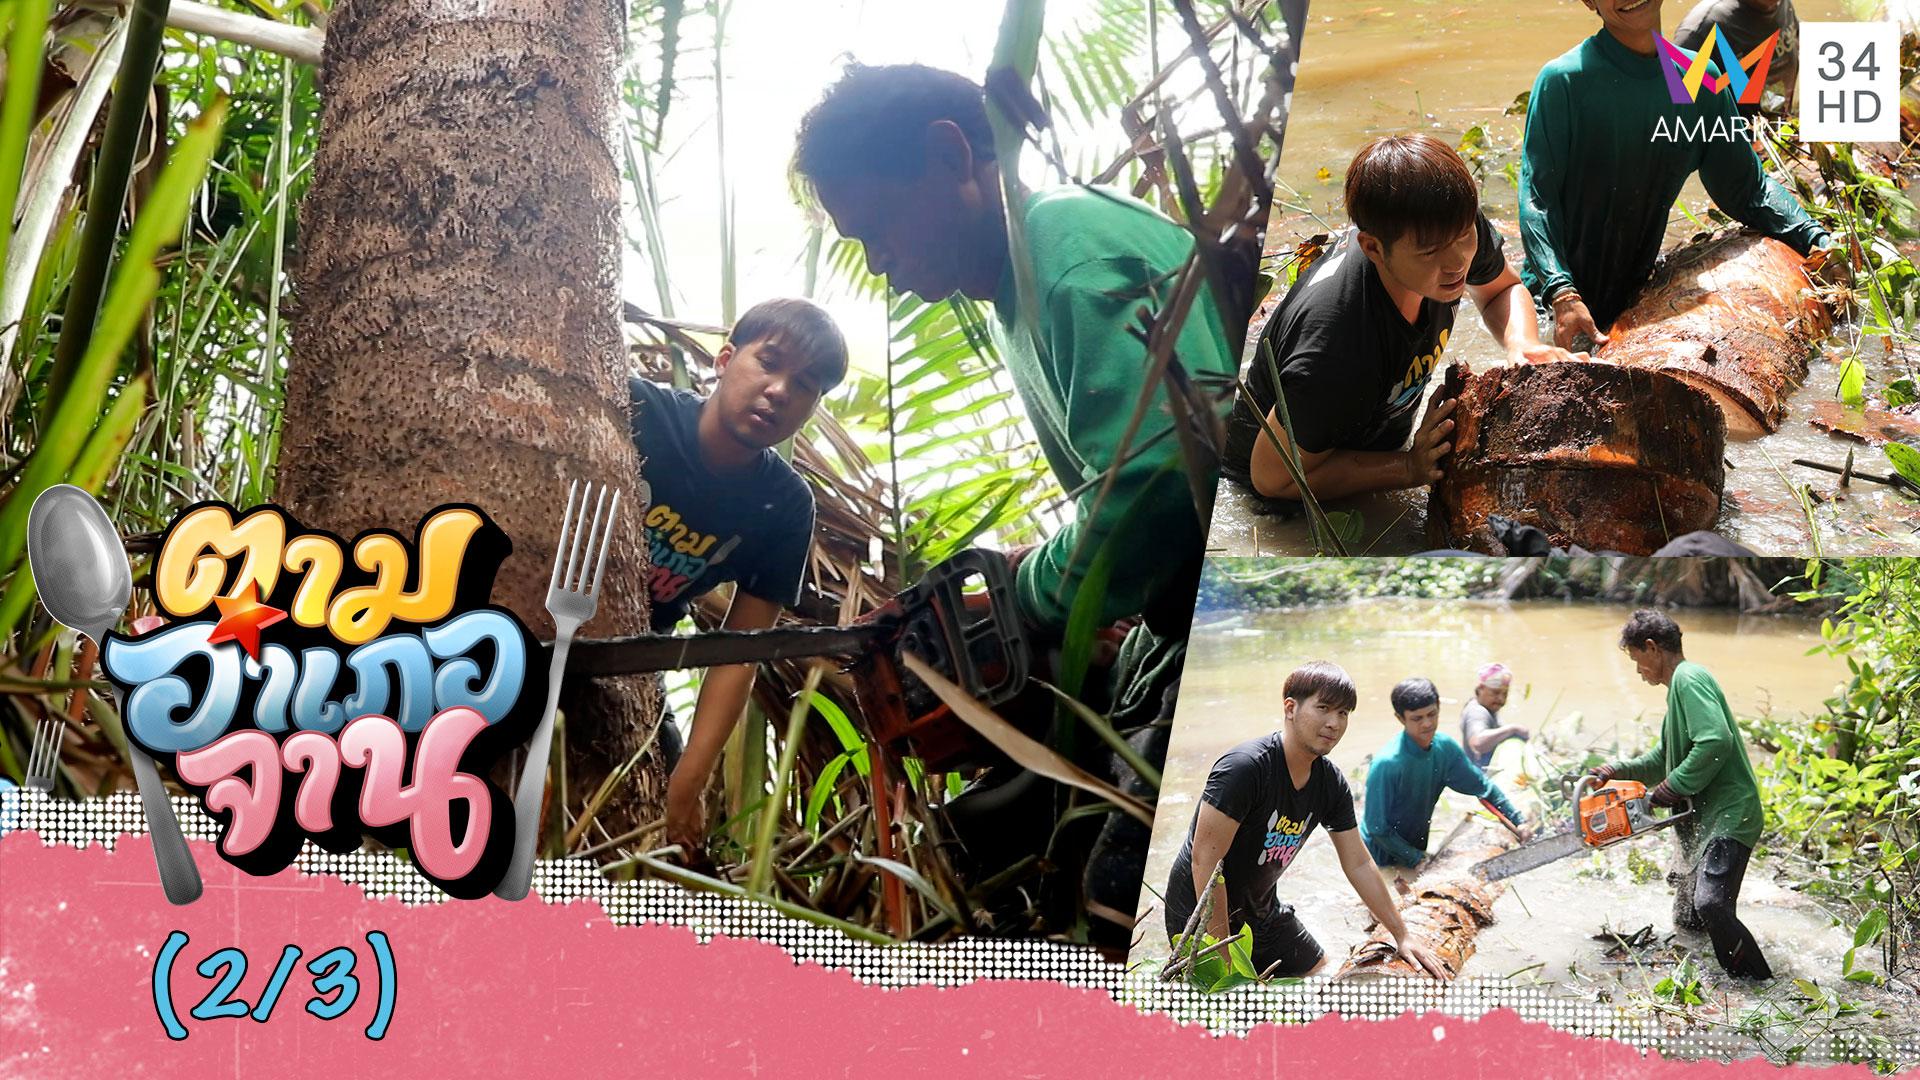 ยกพลโค่น! 'ต้นสาคู' จ.พัทลุง   ตามอำเภอจาน   14 มี.ค. 63 (2/3)   AMARIN TVHD34